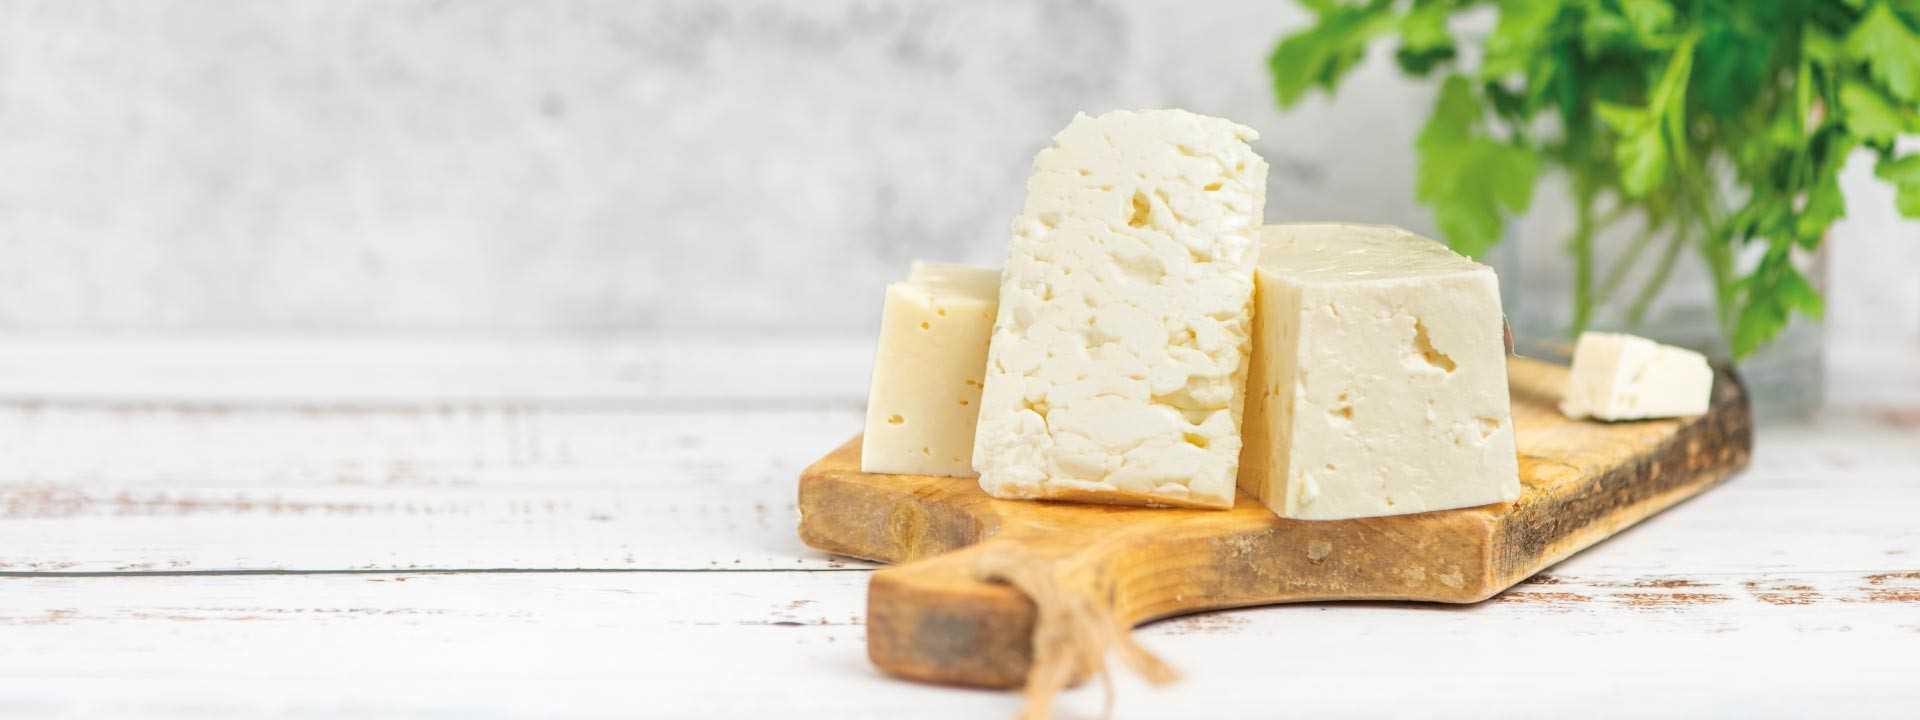 <h2>Toskanischer Käse</h2> <p>Entdecken Sie unsere Auswahl an handwerklich hergestelltem Käse aus der Toskana</p>